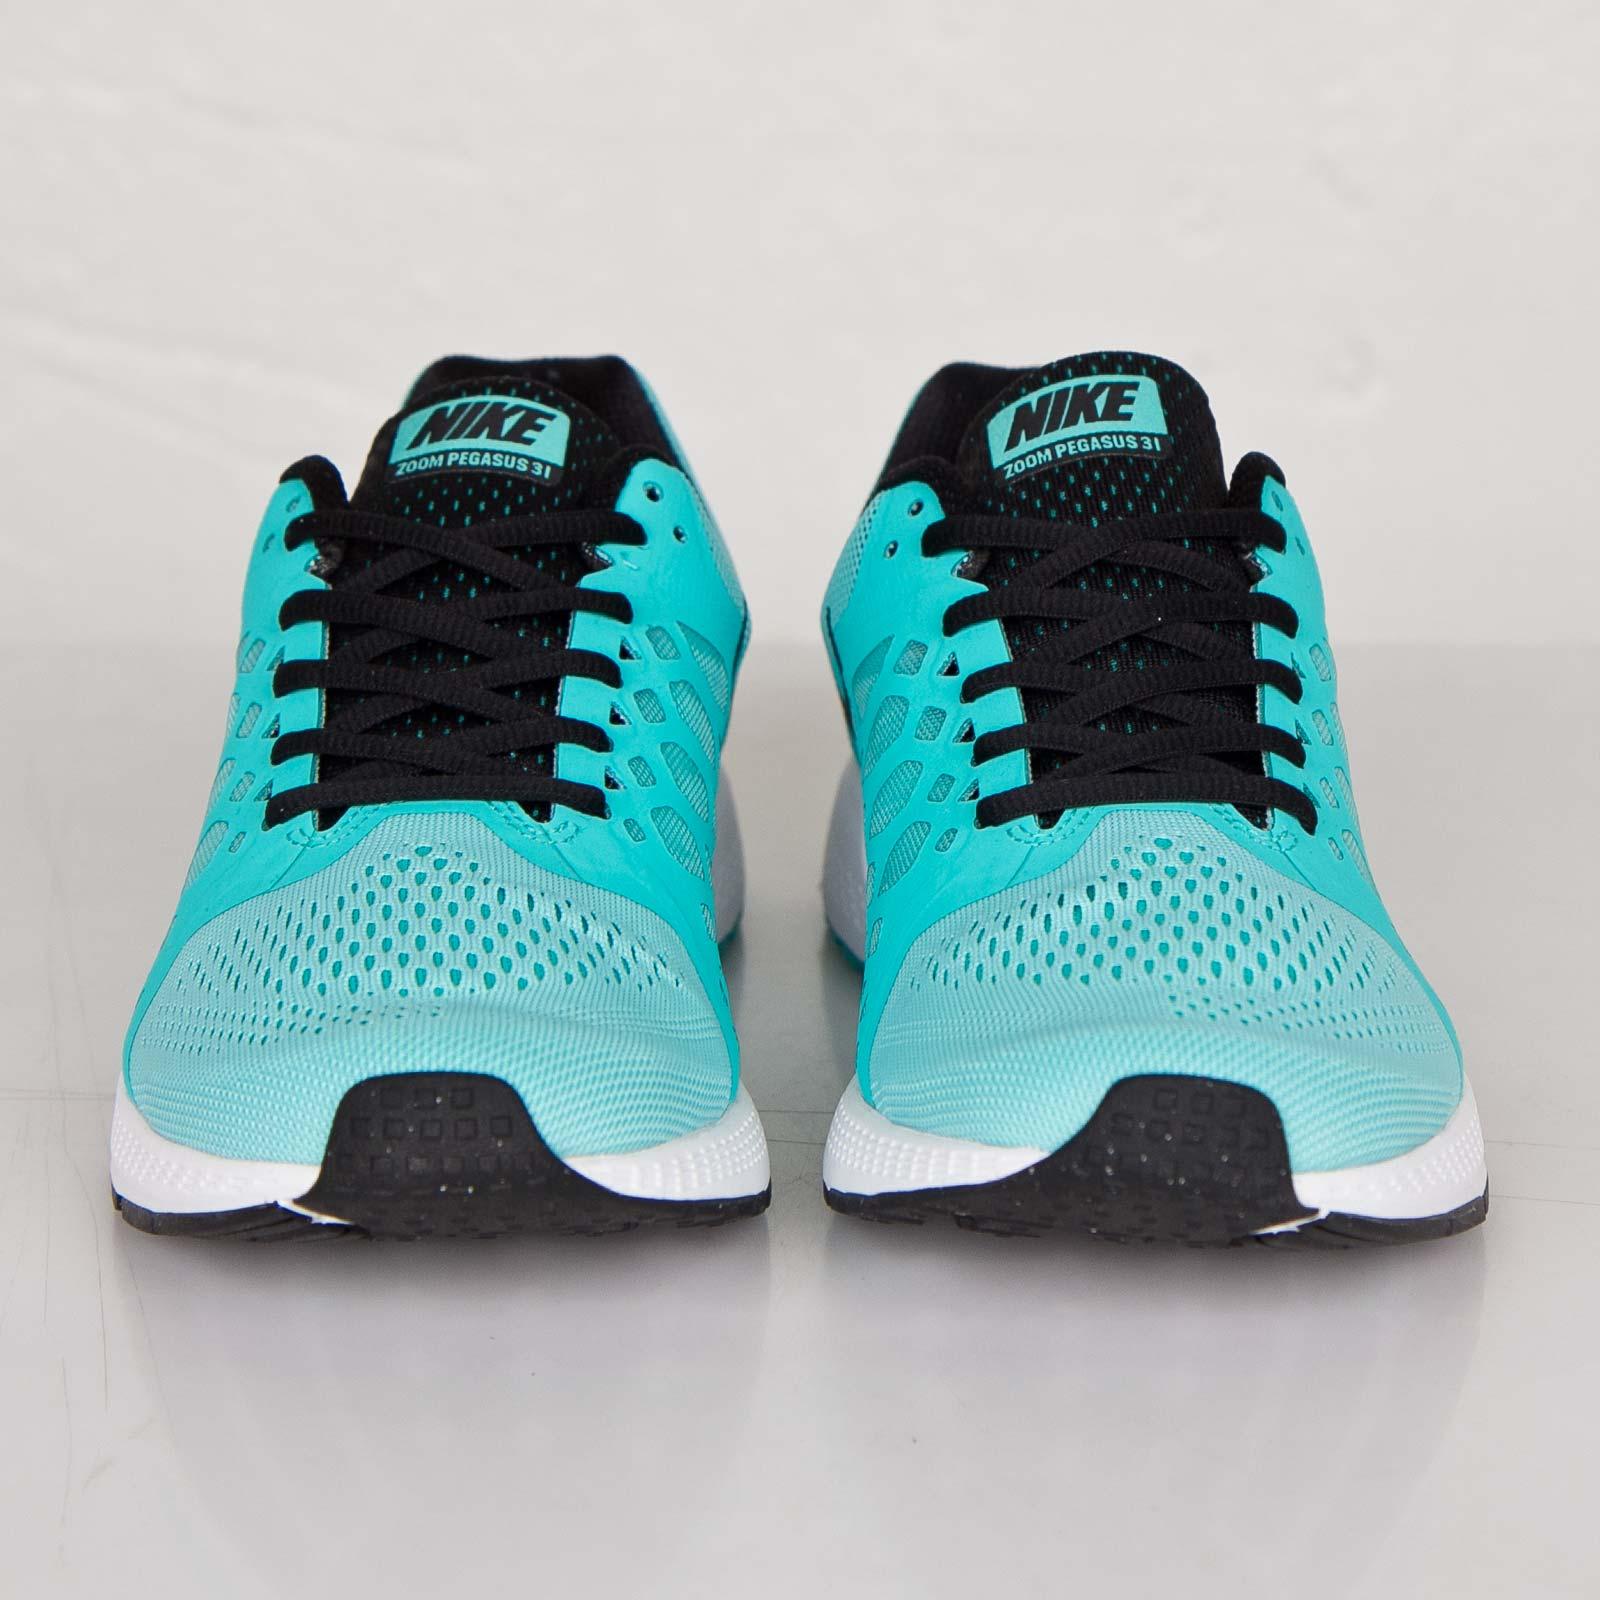 promo code b8931 93700 Nike Air Zoom Pegasus 31 - 652925-405 - Sneakersnstuff   sneakers    streetwear online since 1999